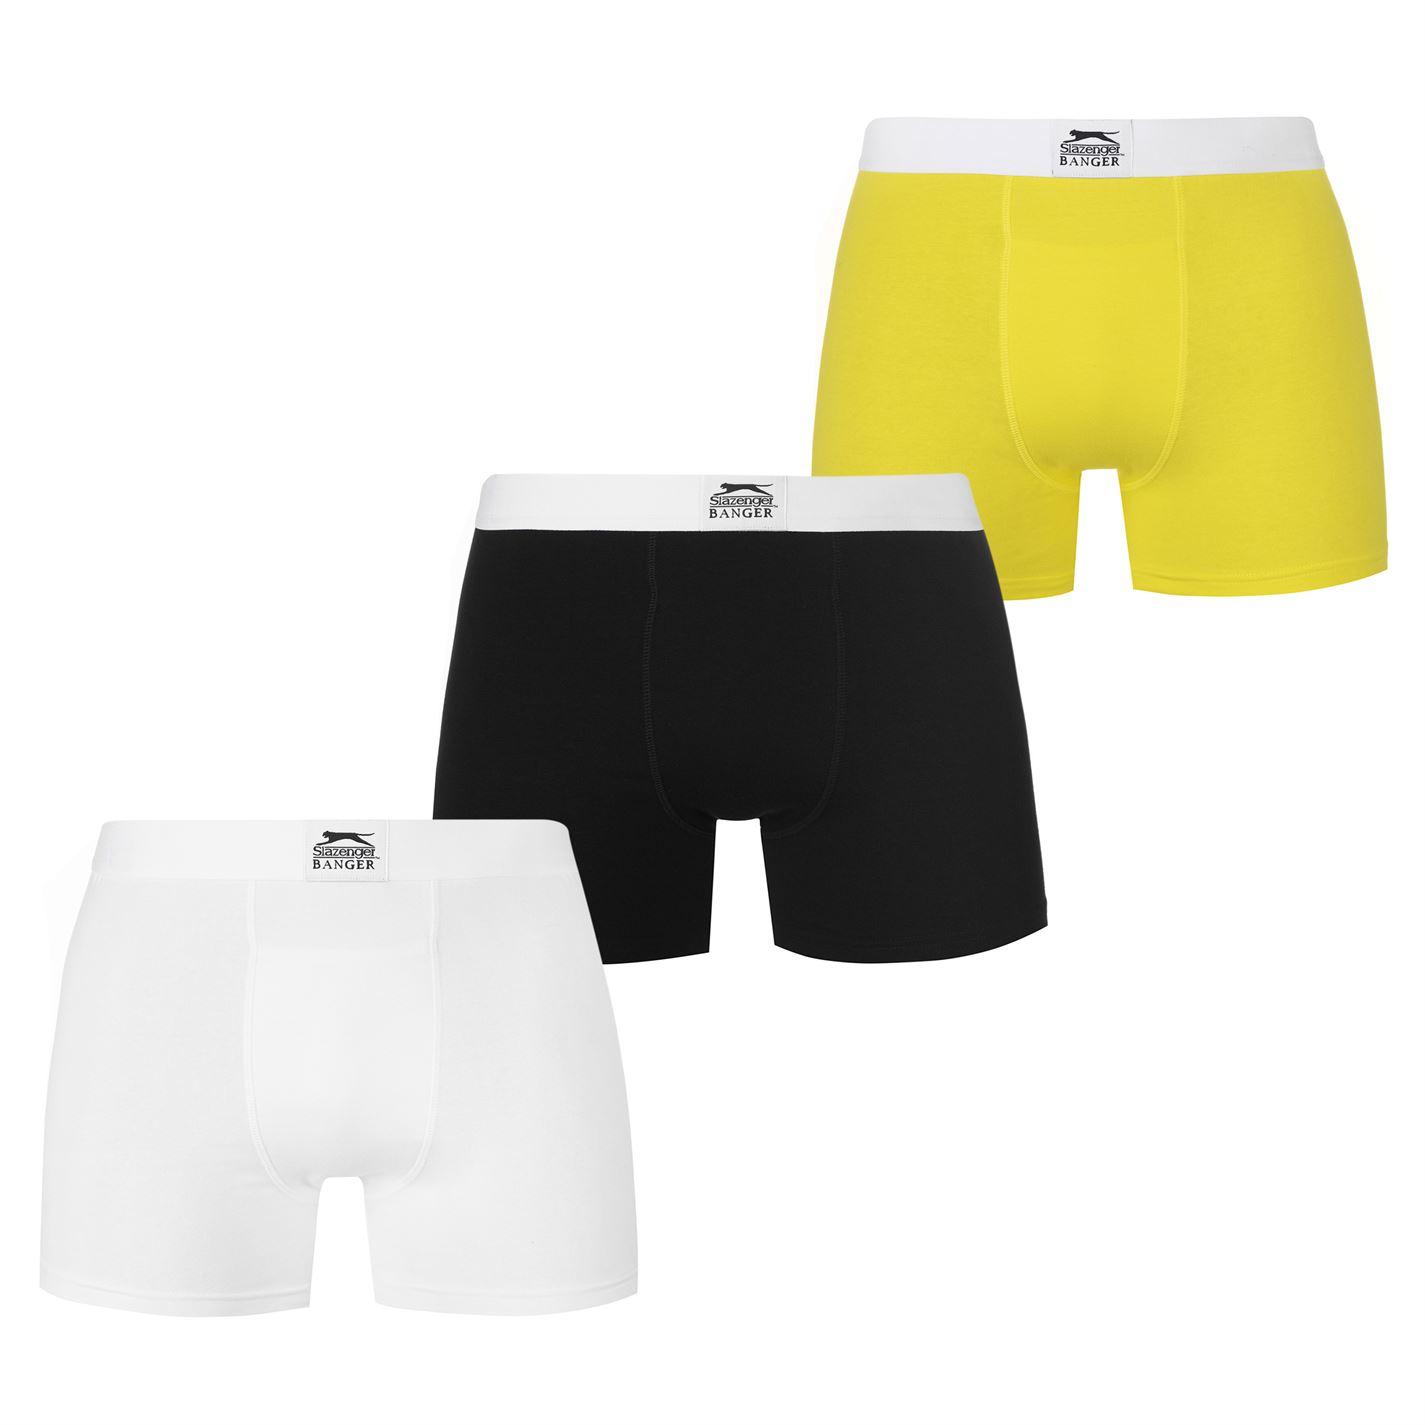 Slazenger Banger Boxer Shorts